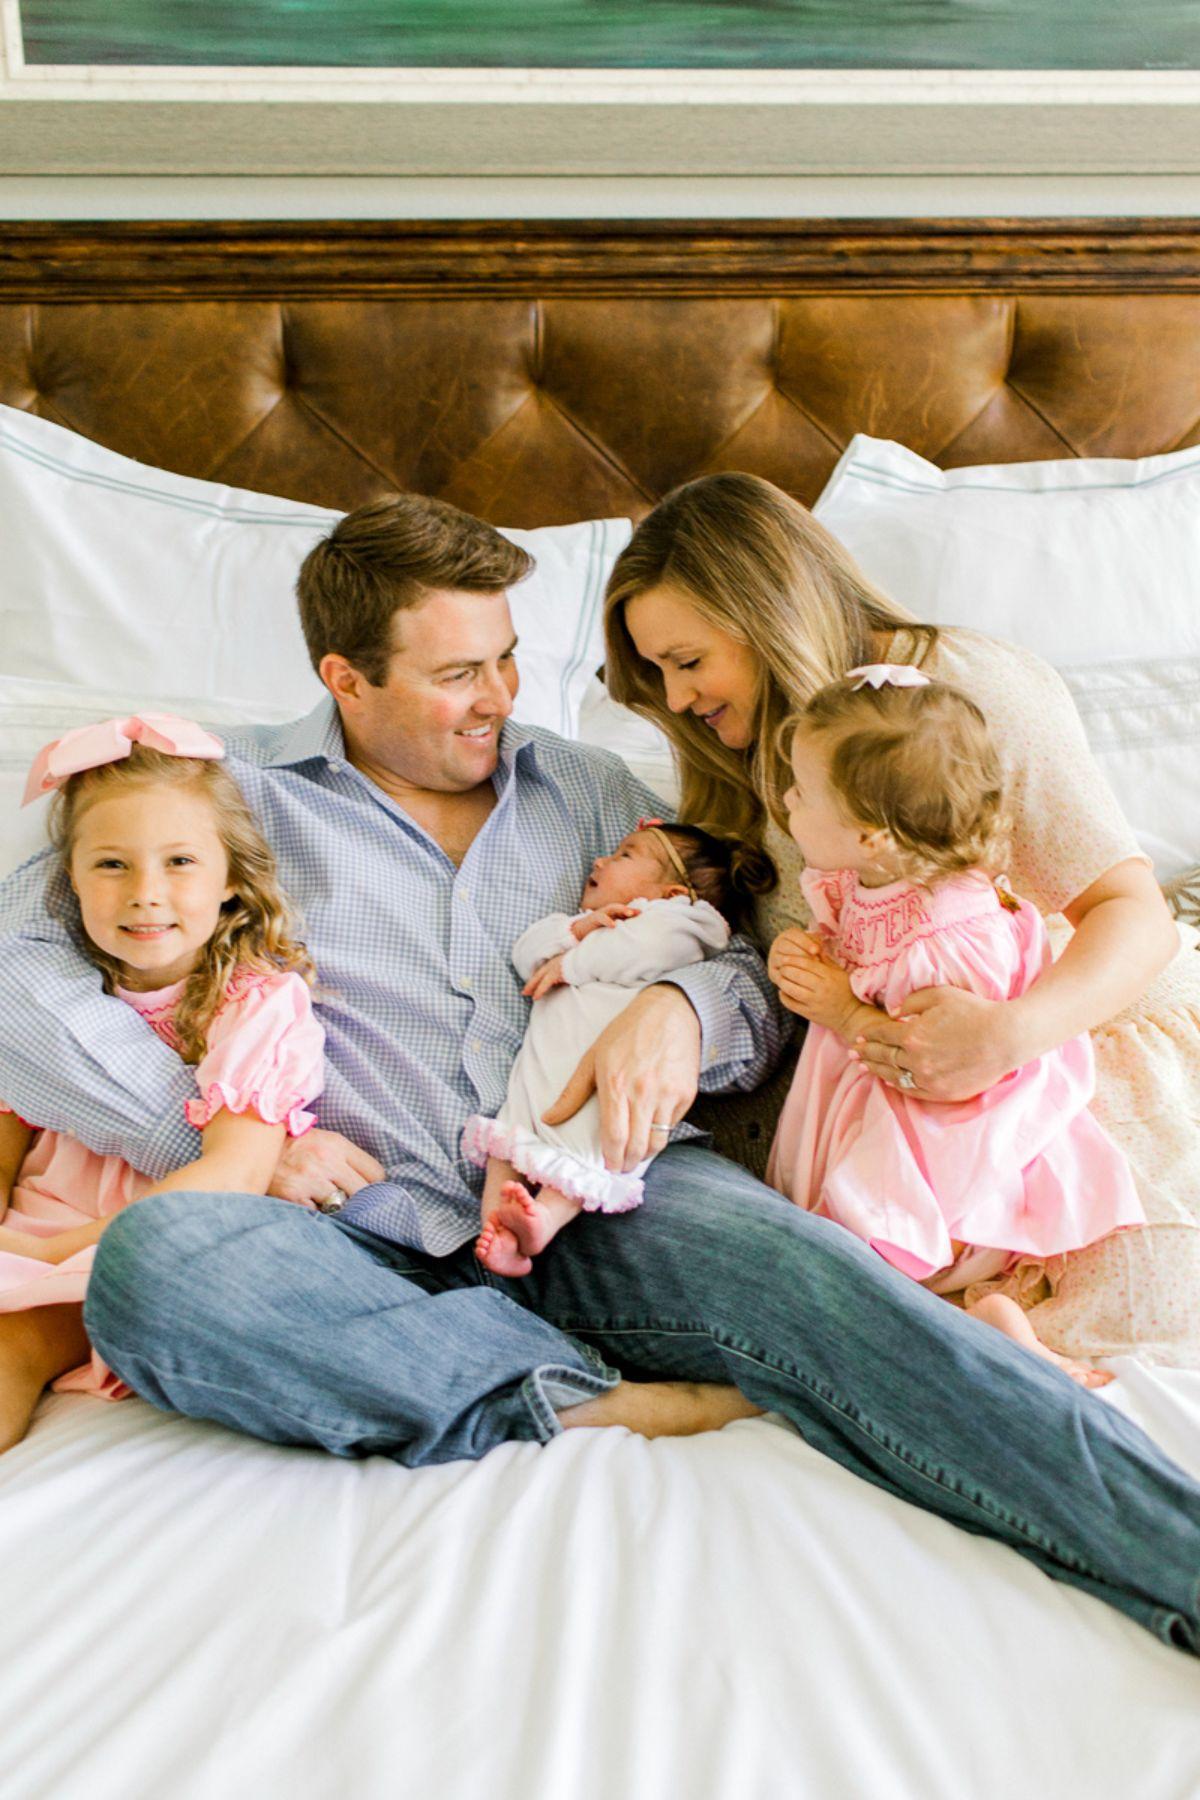 ennis-newborn-photographer-kaitlyn-bullard-charlotte-lifestyle-newborn-40.jpg